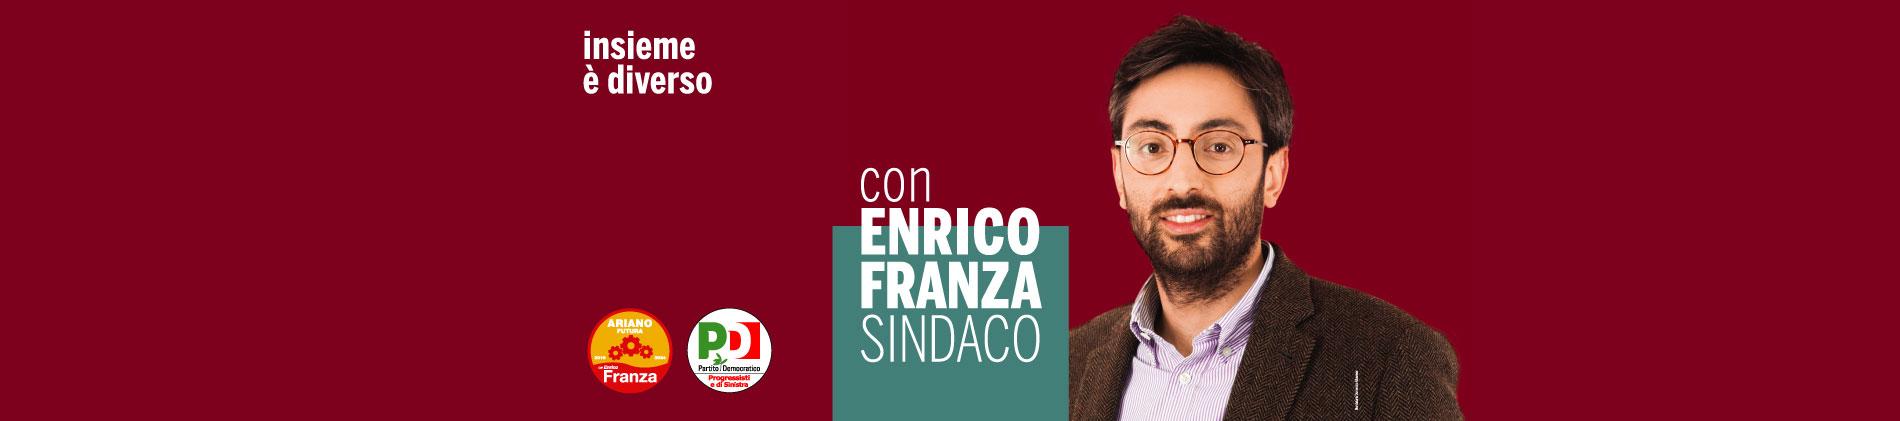 Enrico Franza